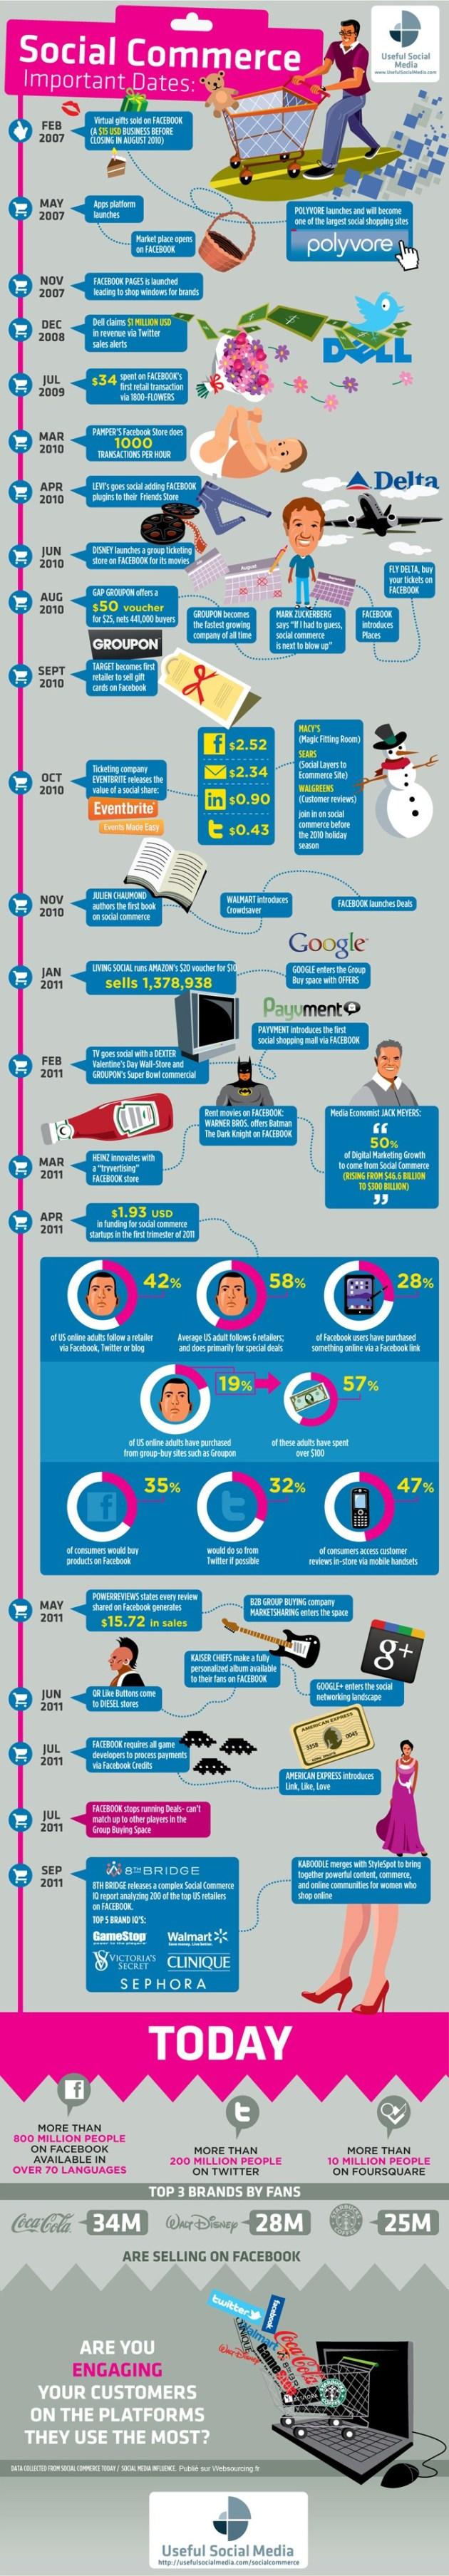 Les grandes dates du Social Commerce | un jour, une infographie